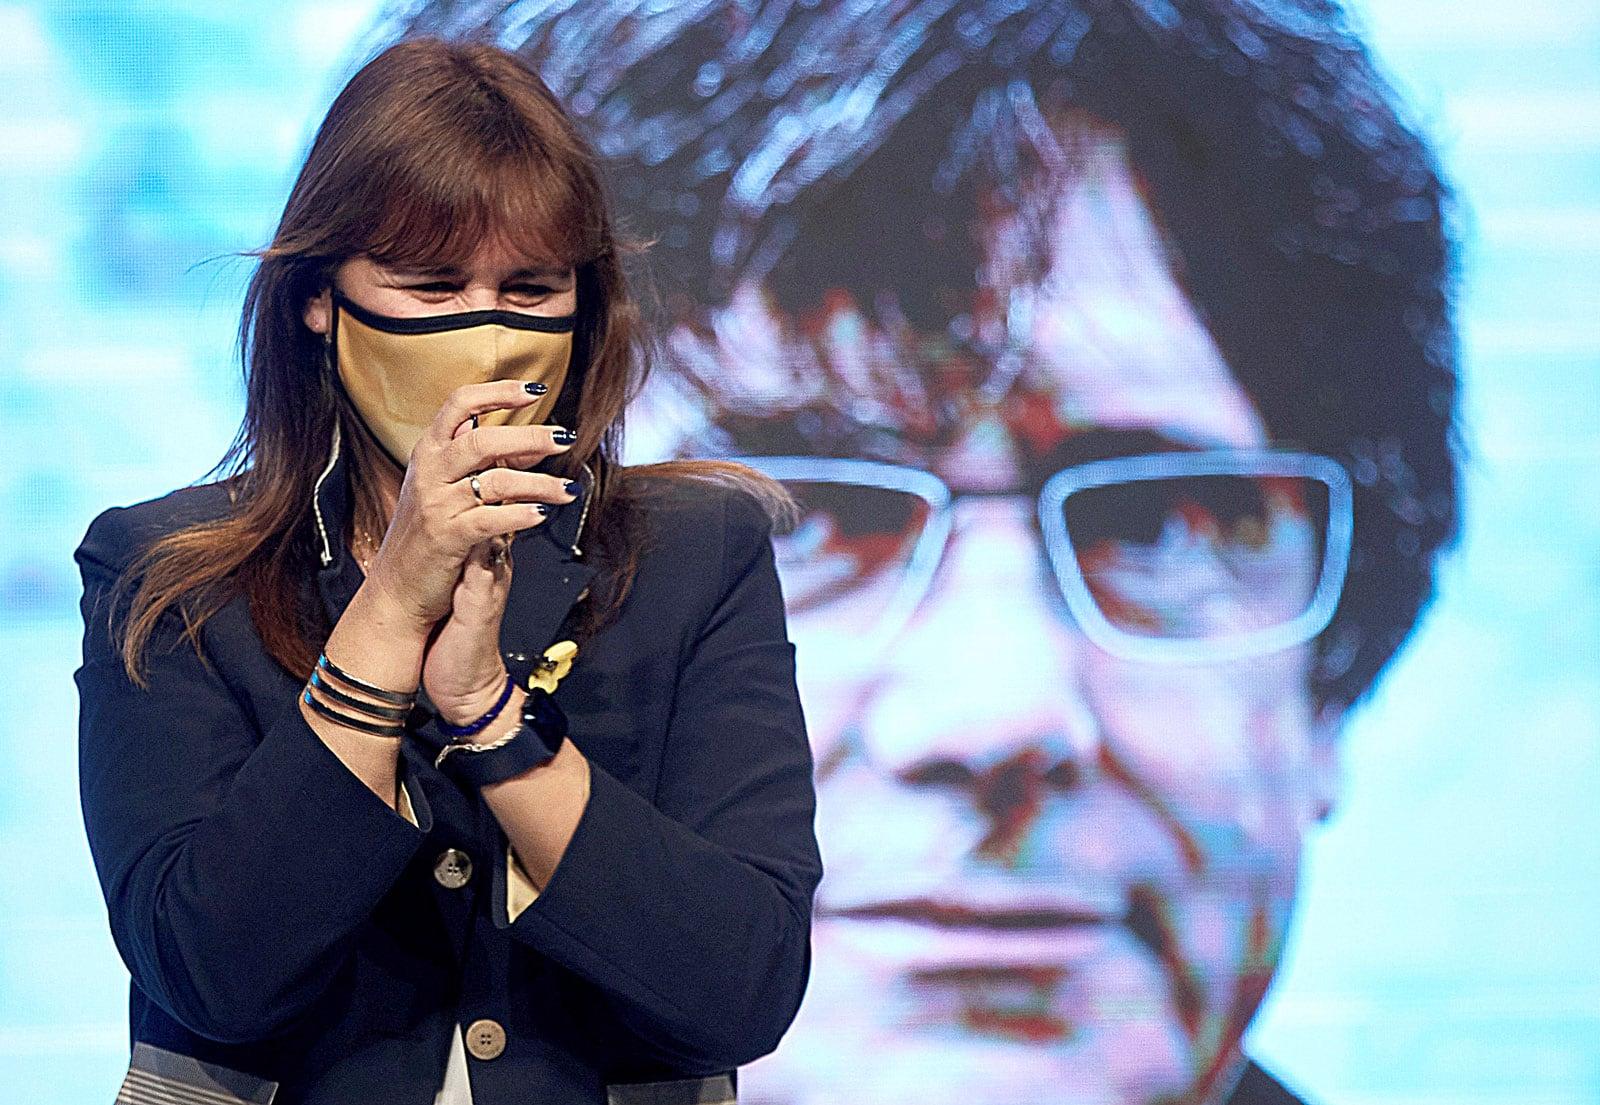 Laura Borràs, amb la imatge de Carles Puigdemont al darrere, en un acte de campanya a Girona el 10 de febrer de 2021. Fotografia de David Borrat. Efe.